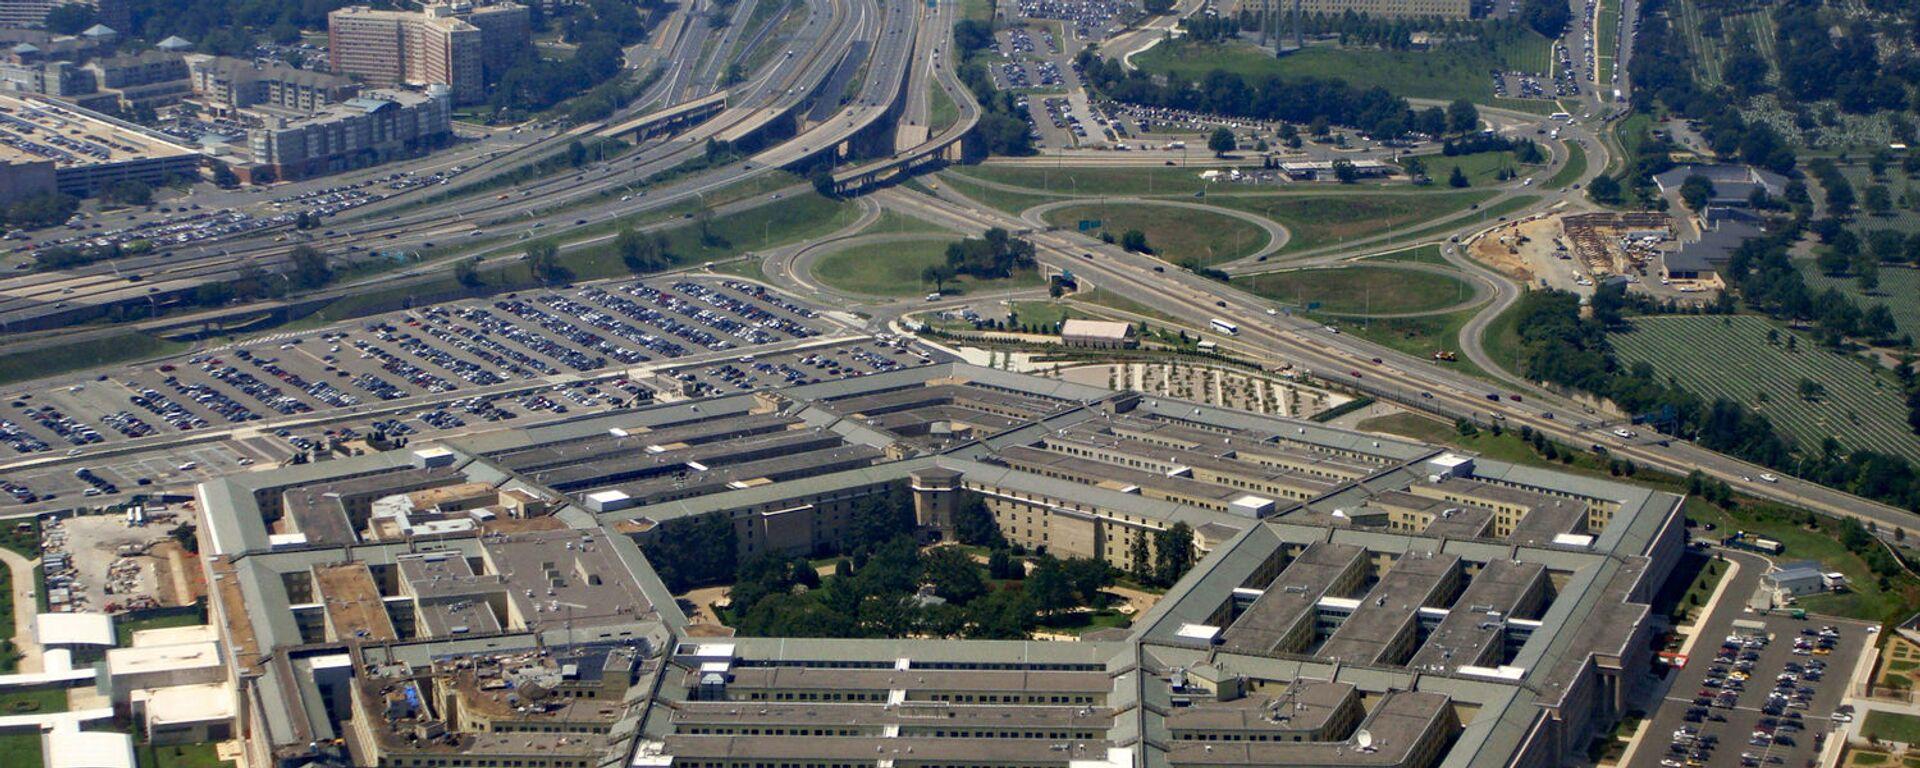 Здание Пентагона в США - Sputnik Тоҷикистон, 1920, 11.08.2021